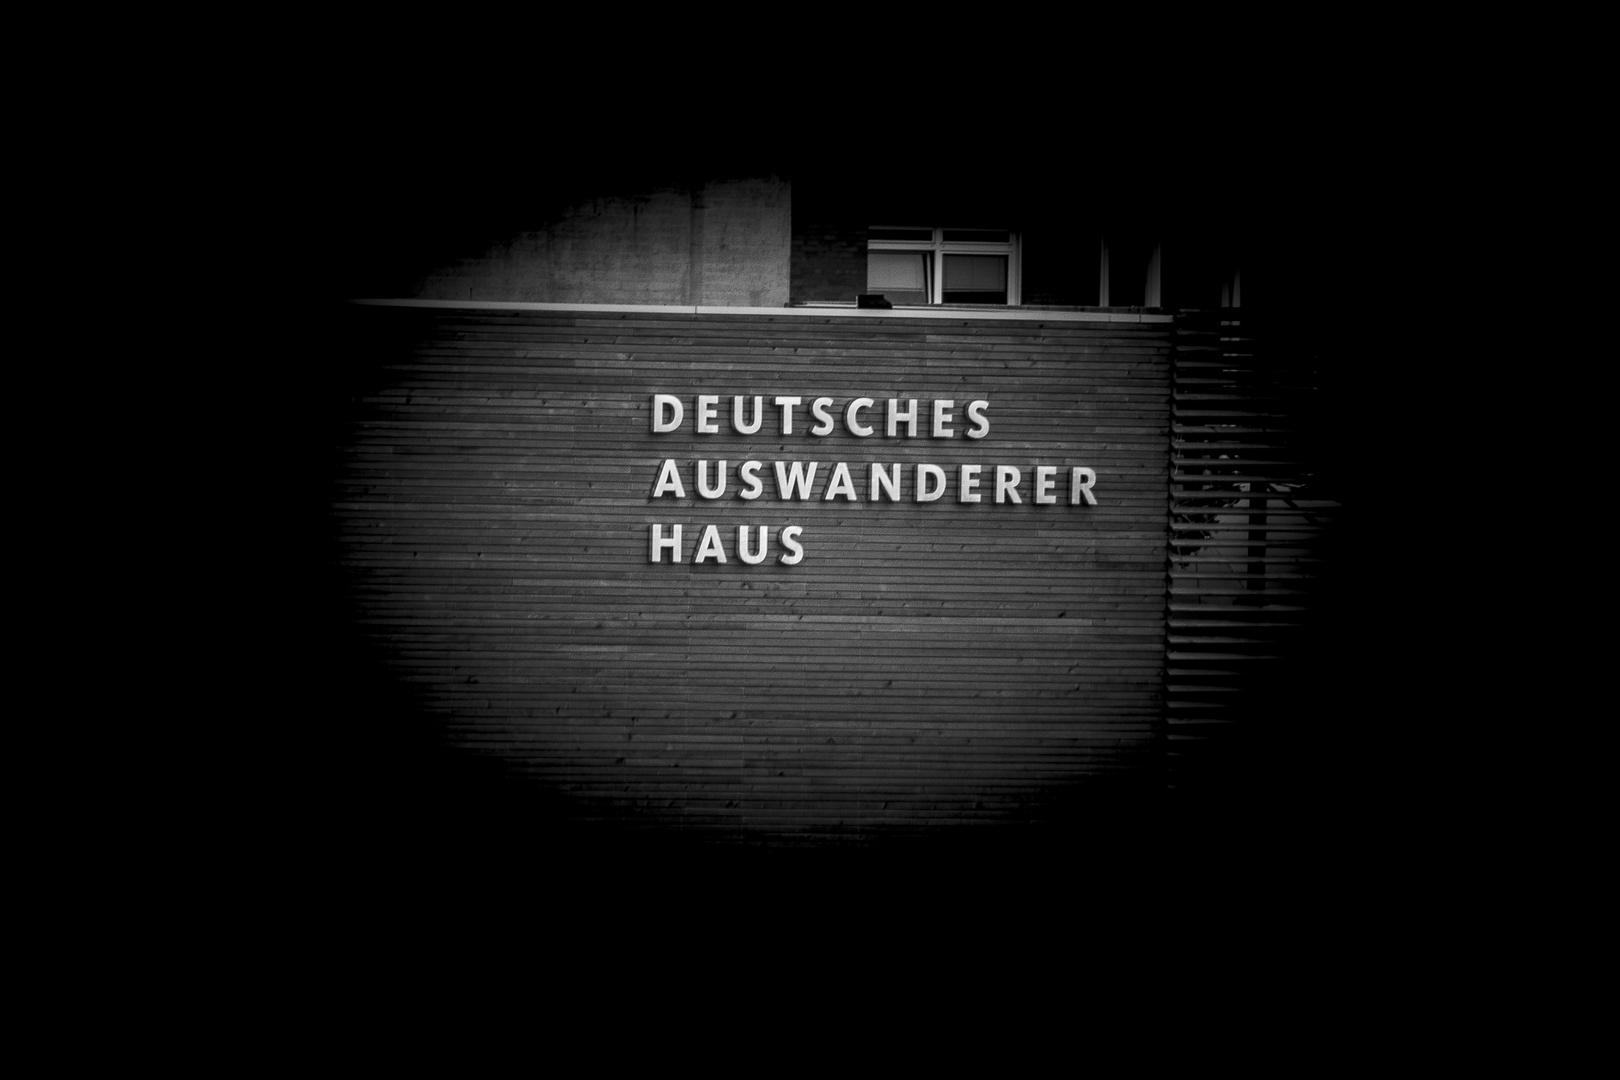 Deutsches Auswandererhaus in BHV